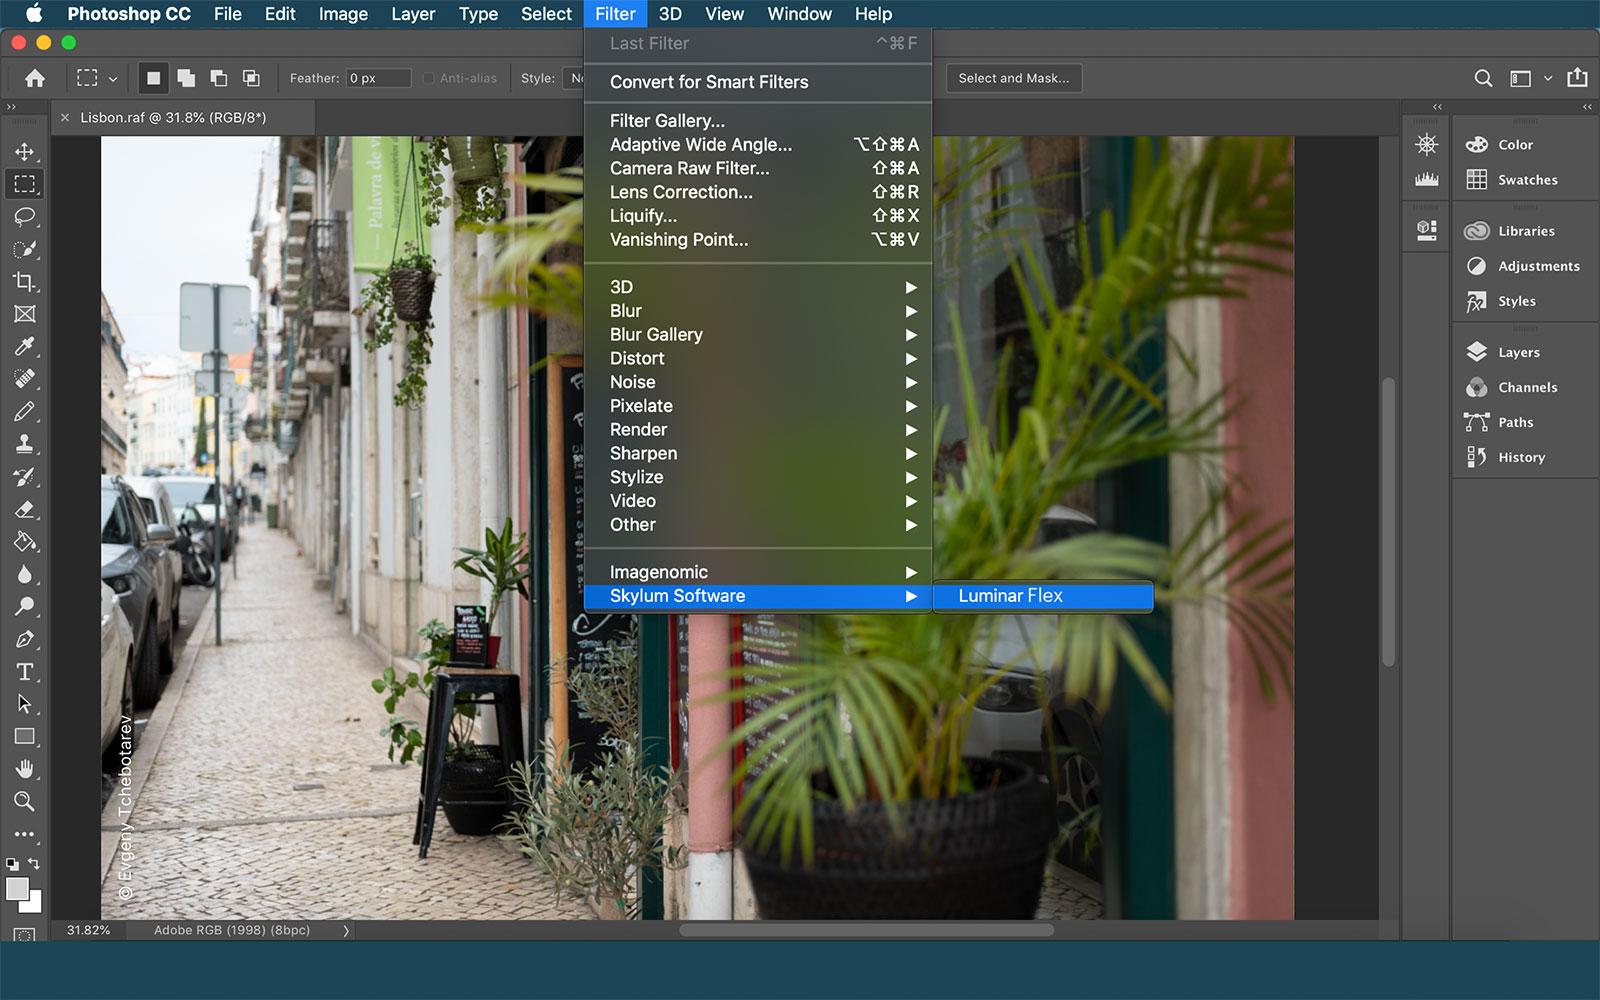 Skylum announces Luminar Flex to extend a photographer's editing